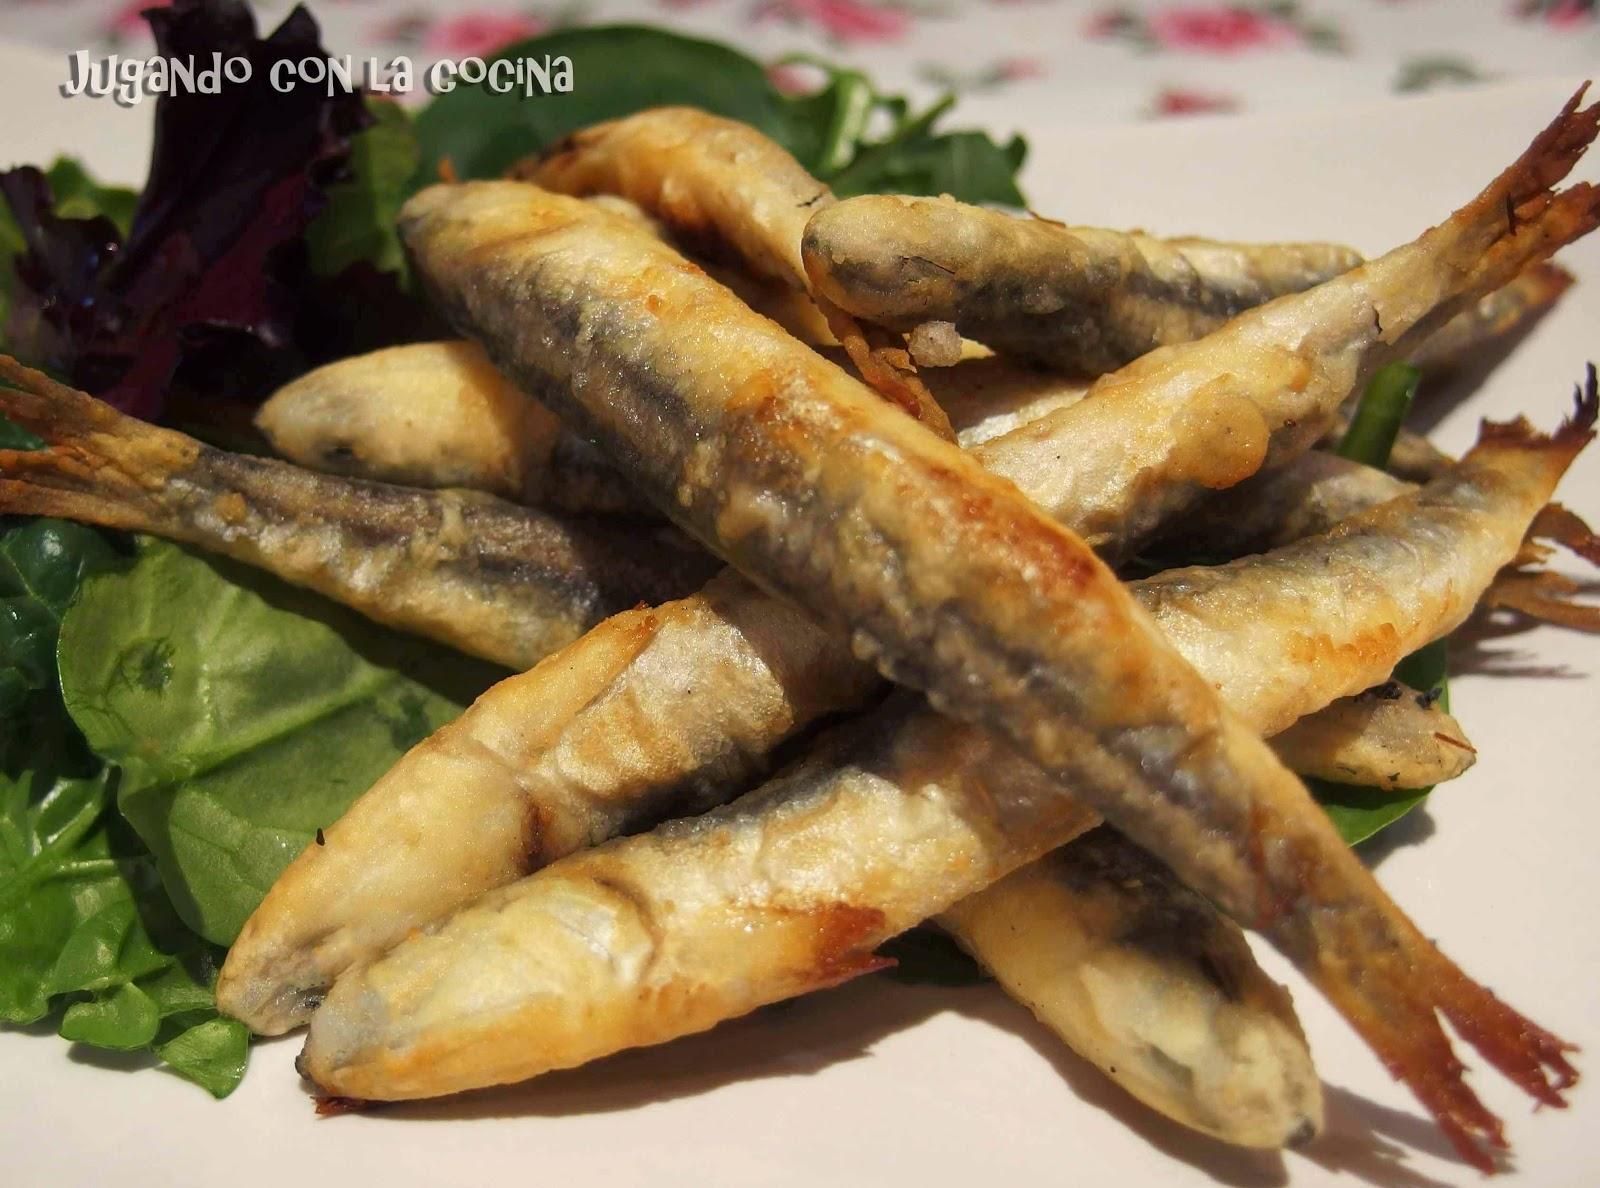 Como Cocinar Boquerones | Jugando Con La Cocina Boquerones Fritos En Harina De Garbanzos Al